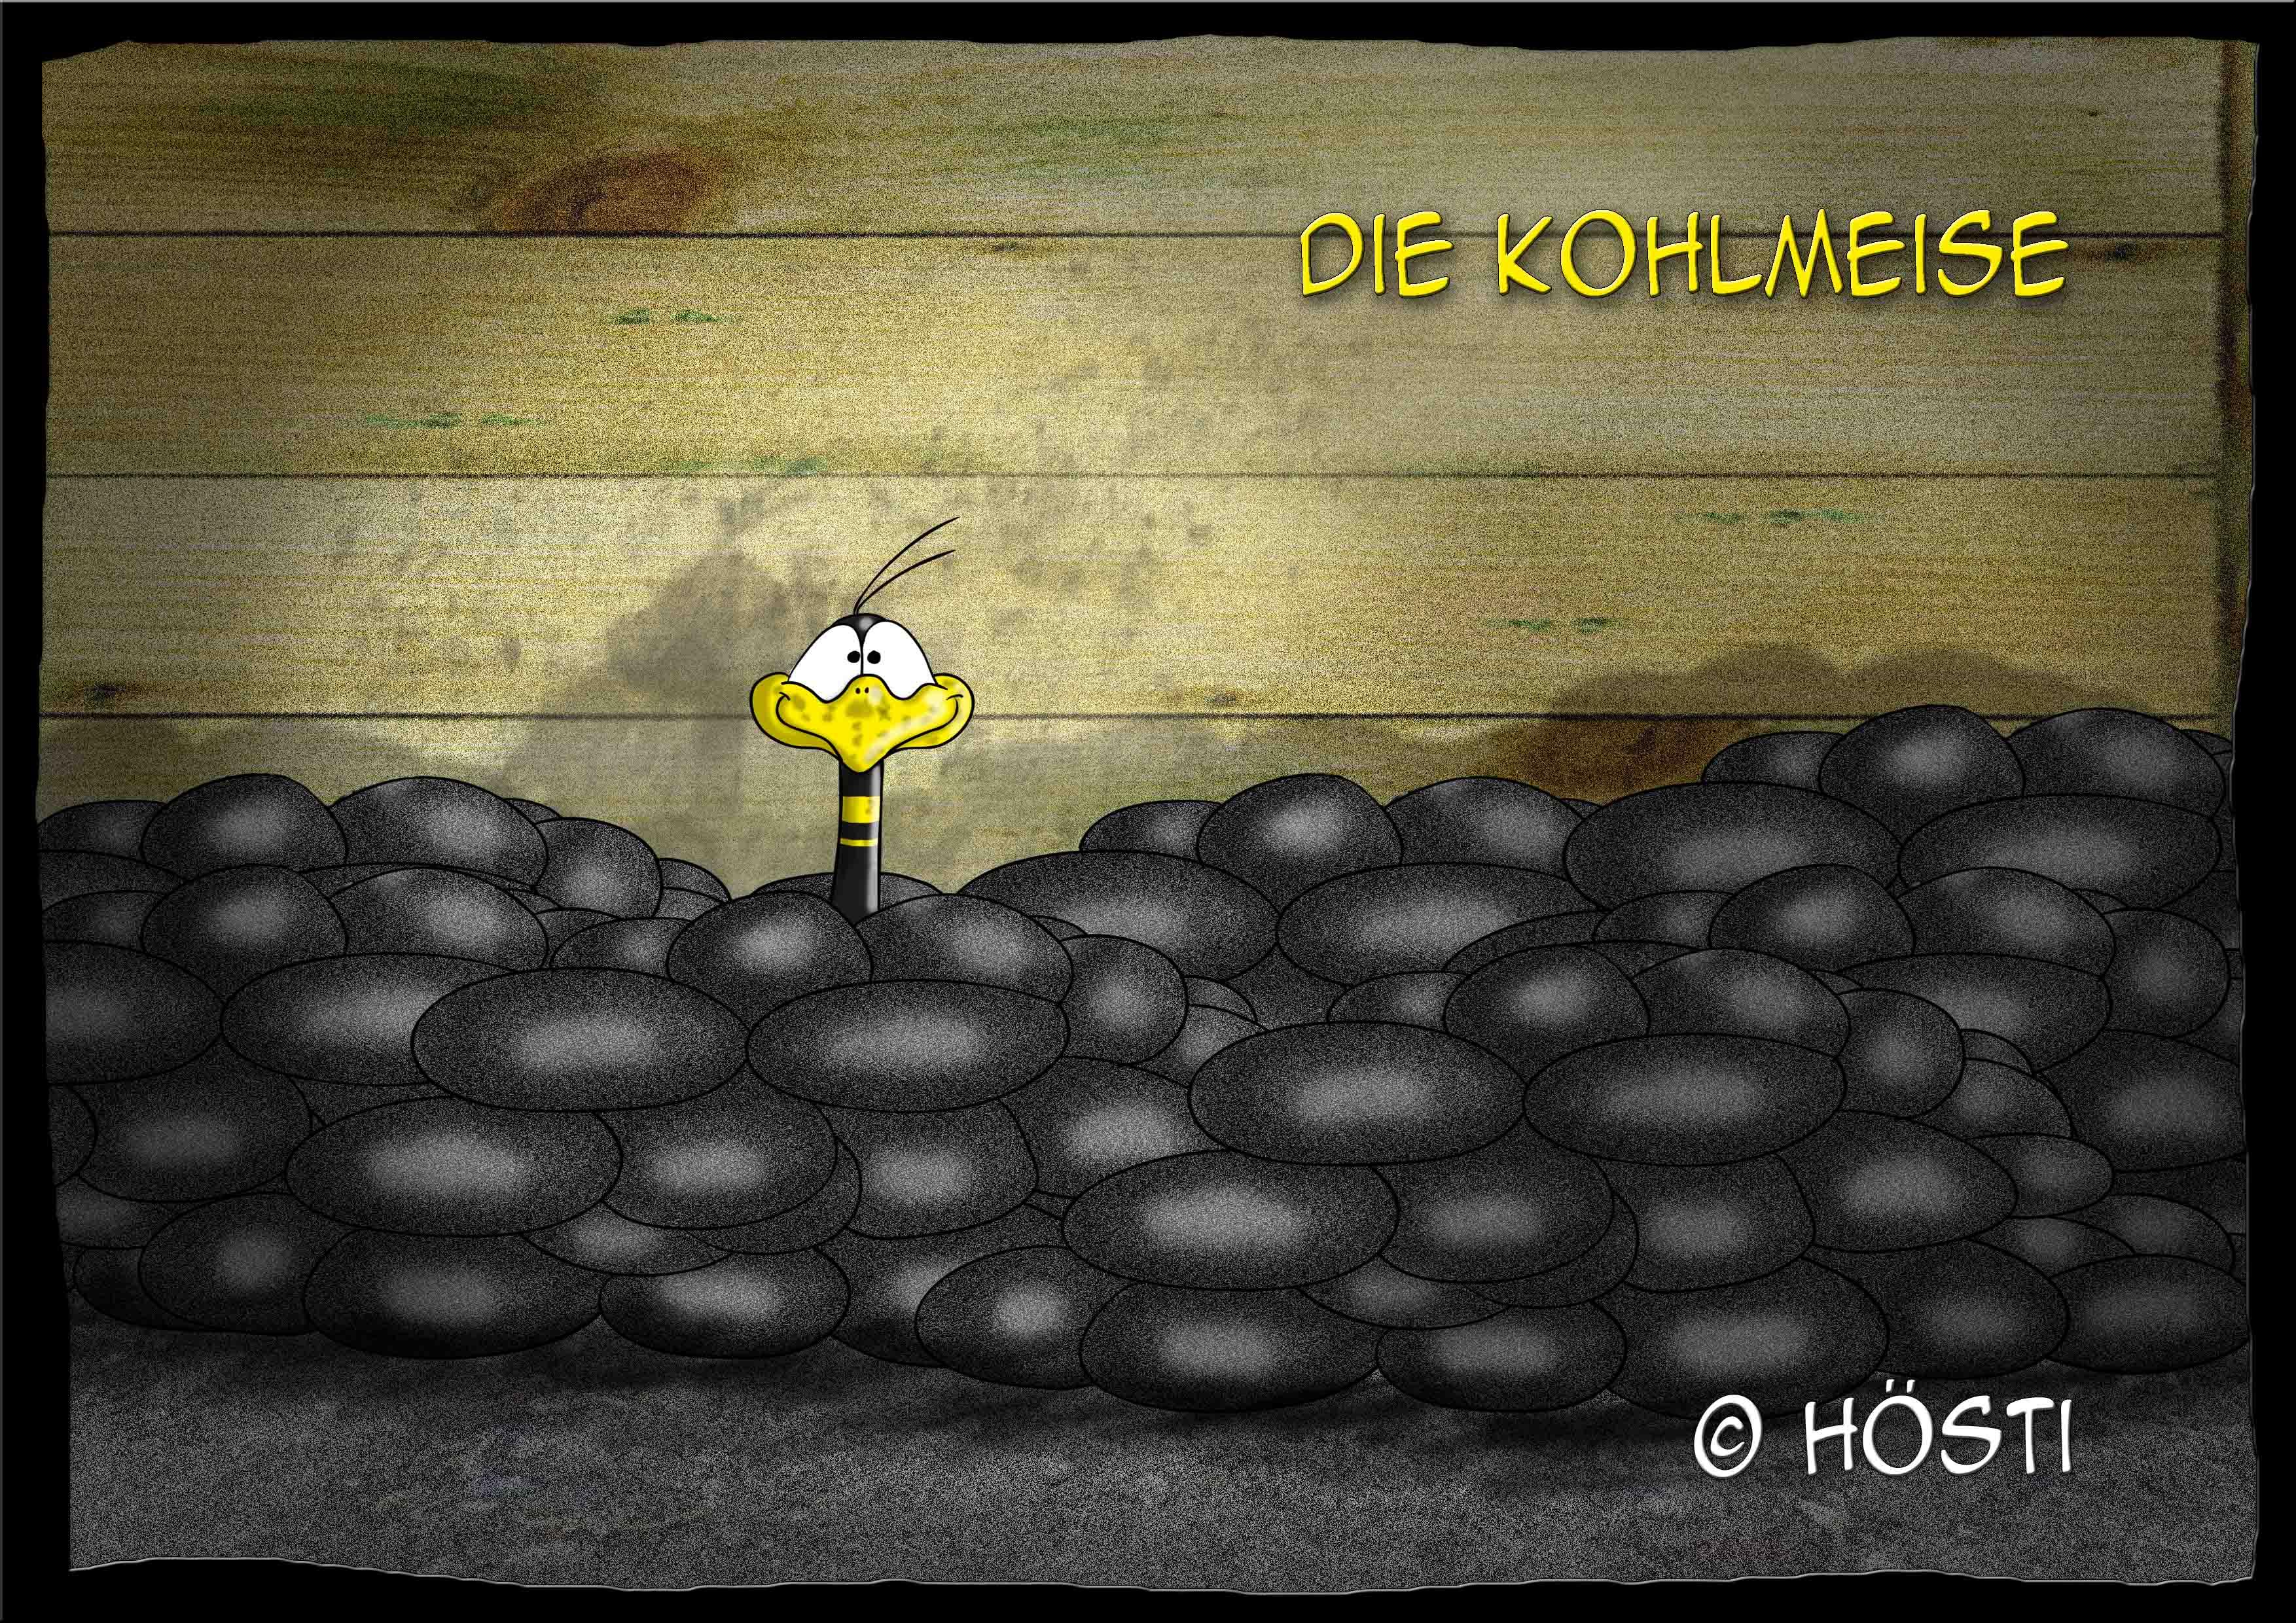 HVK Kohlmeise